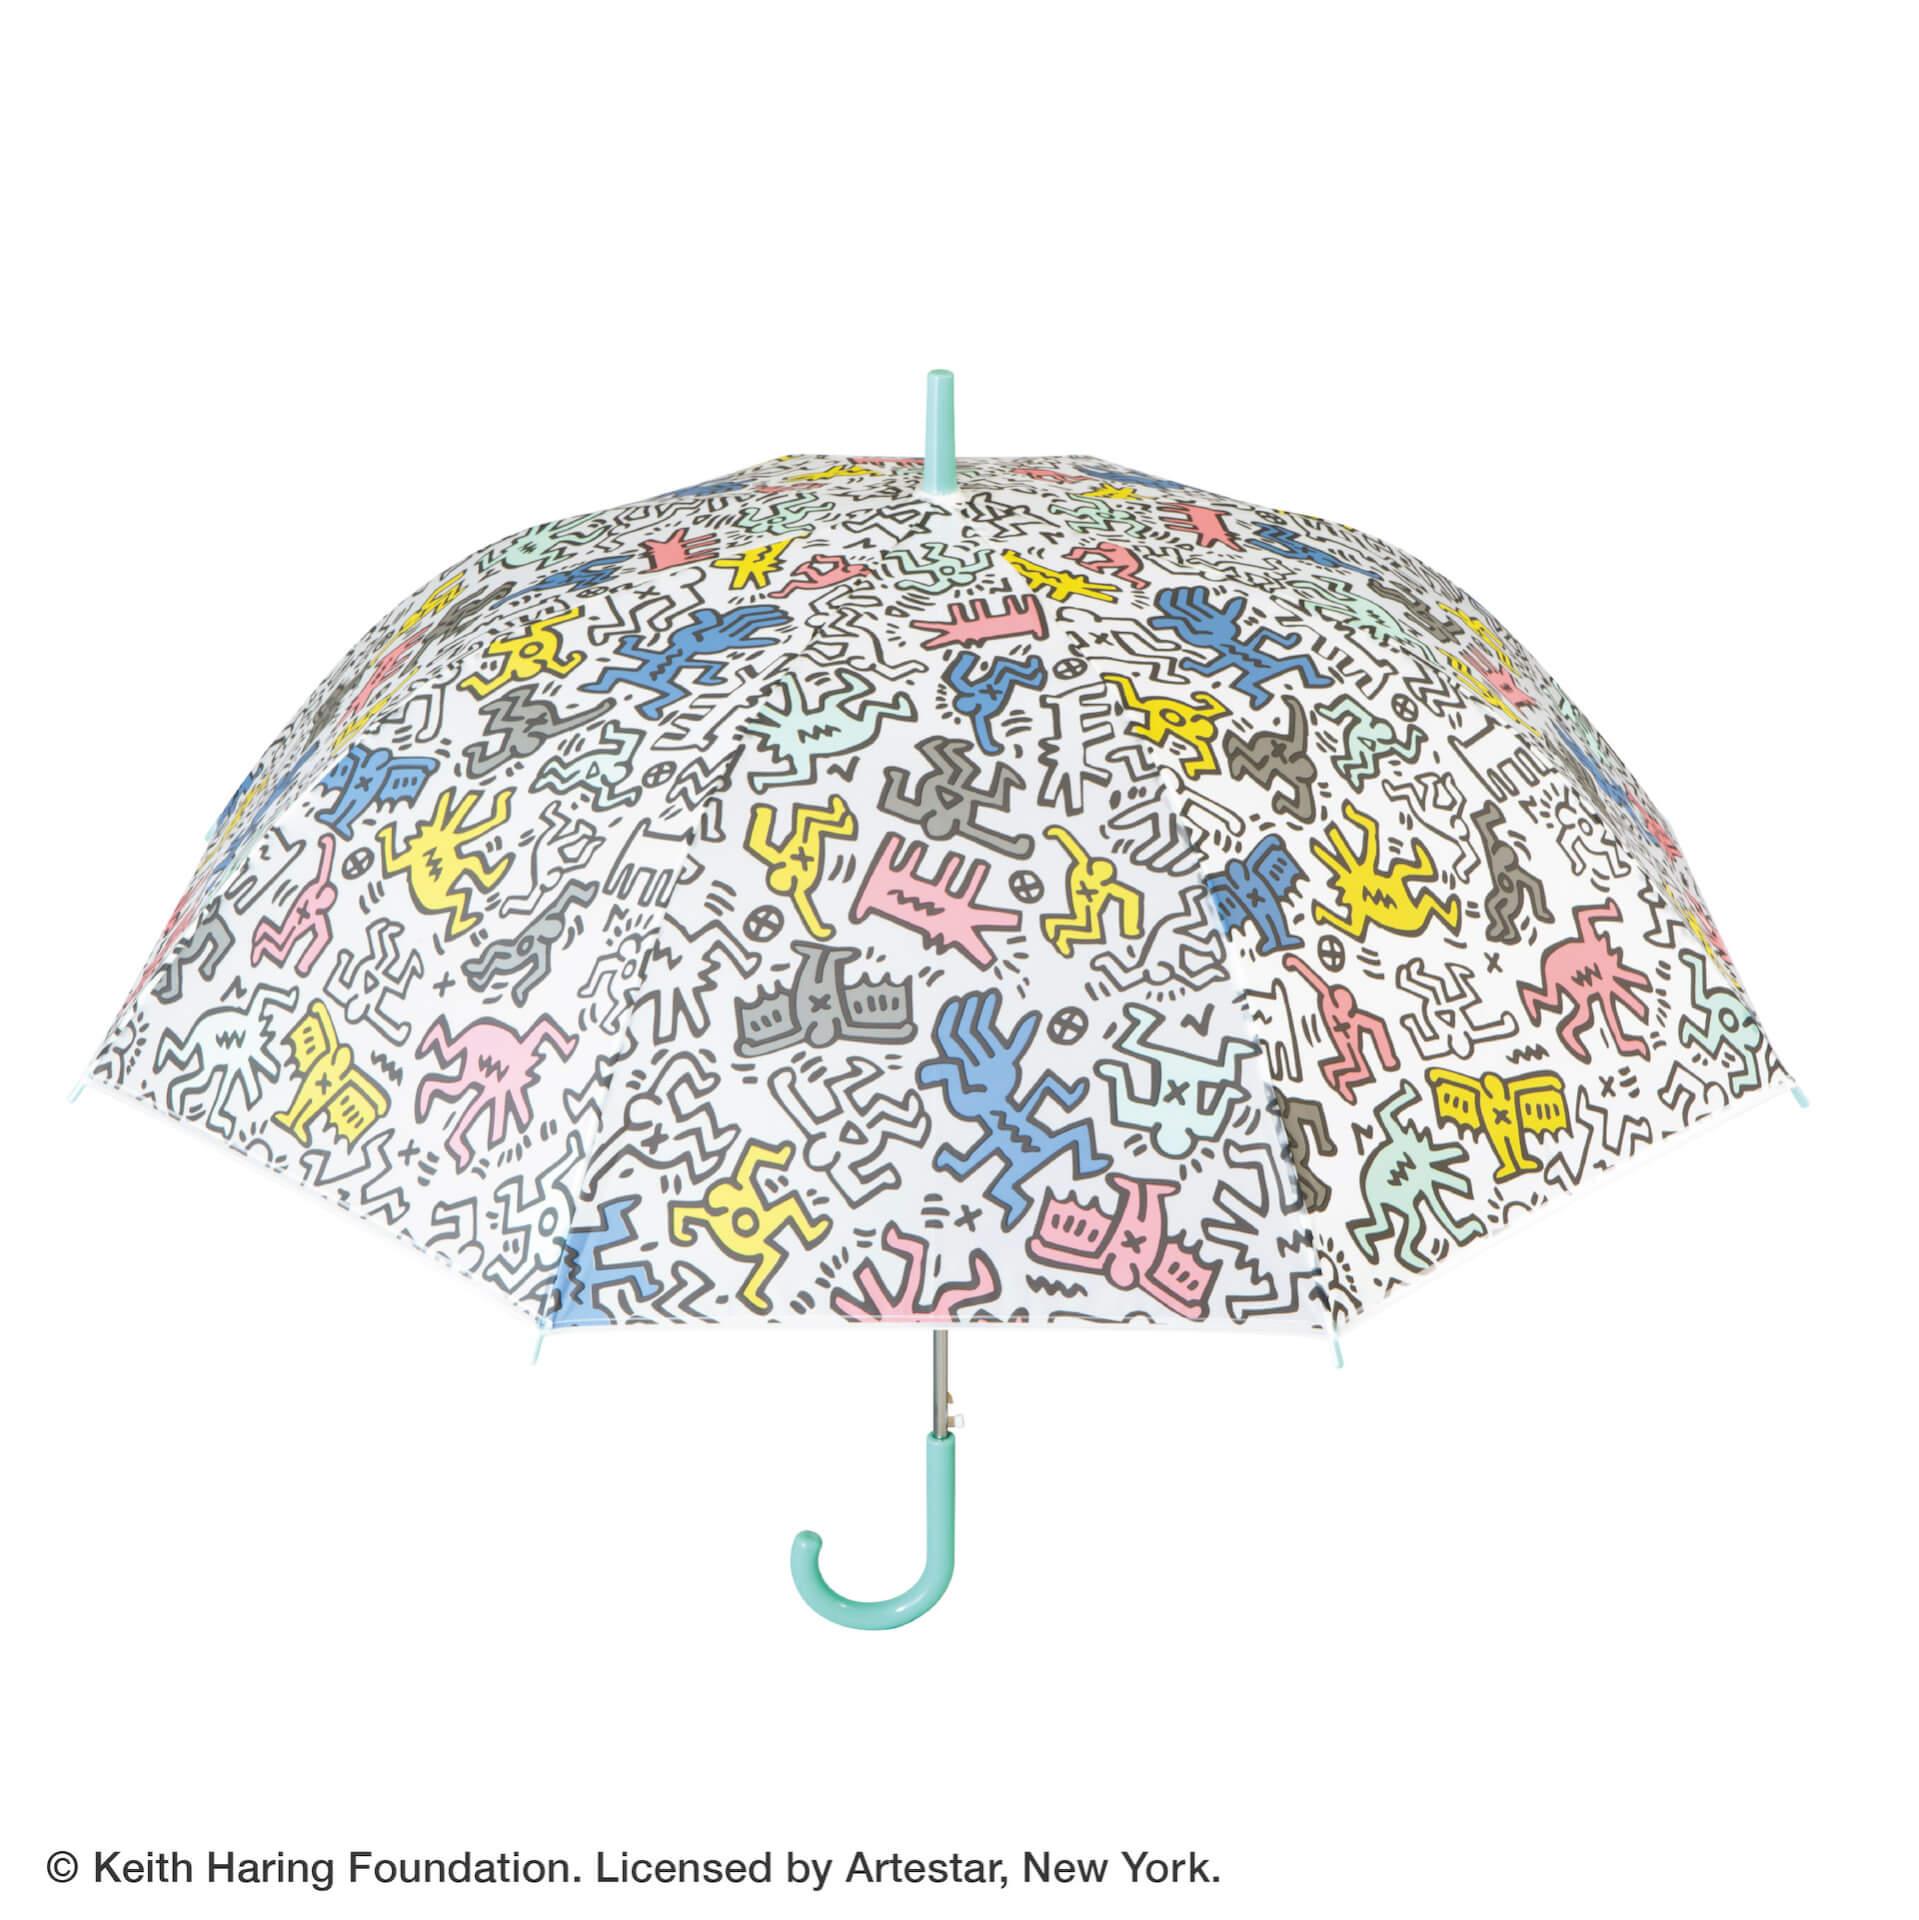 キース・ヘリングのアートデザインのビニール傘がセブンネットショッピングで先行予約開始!カラフル、モノトーンなど3種 lf200625_keith_haring_umbrella_02